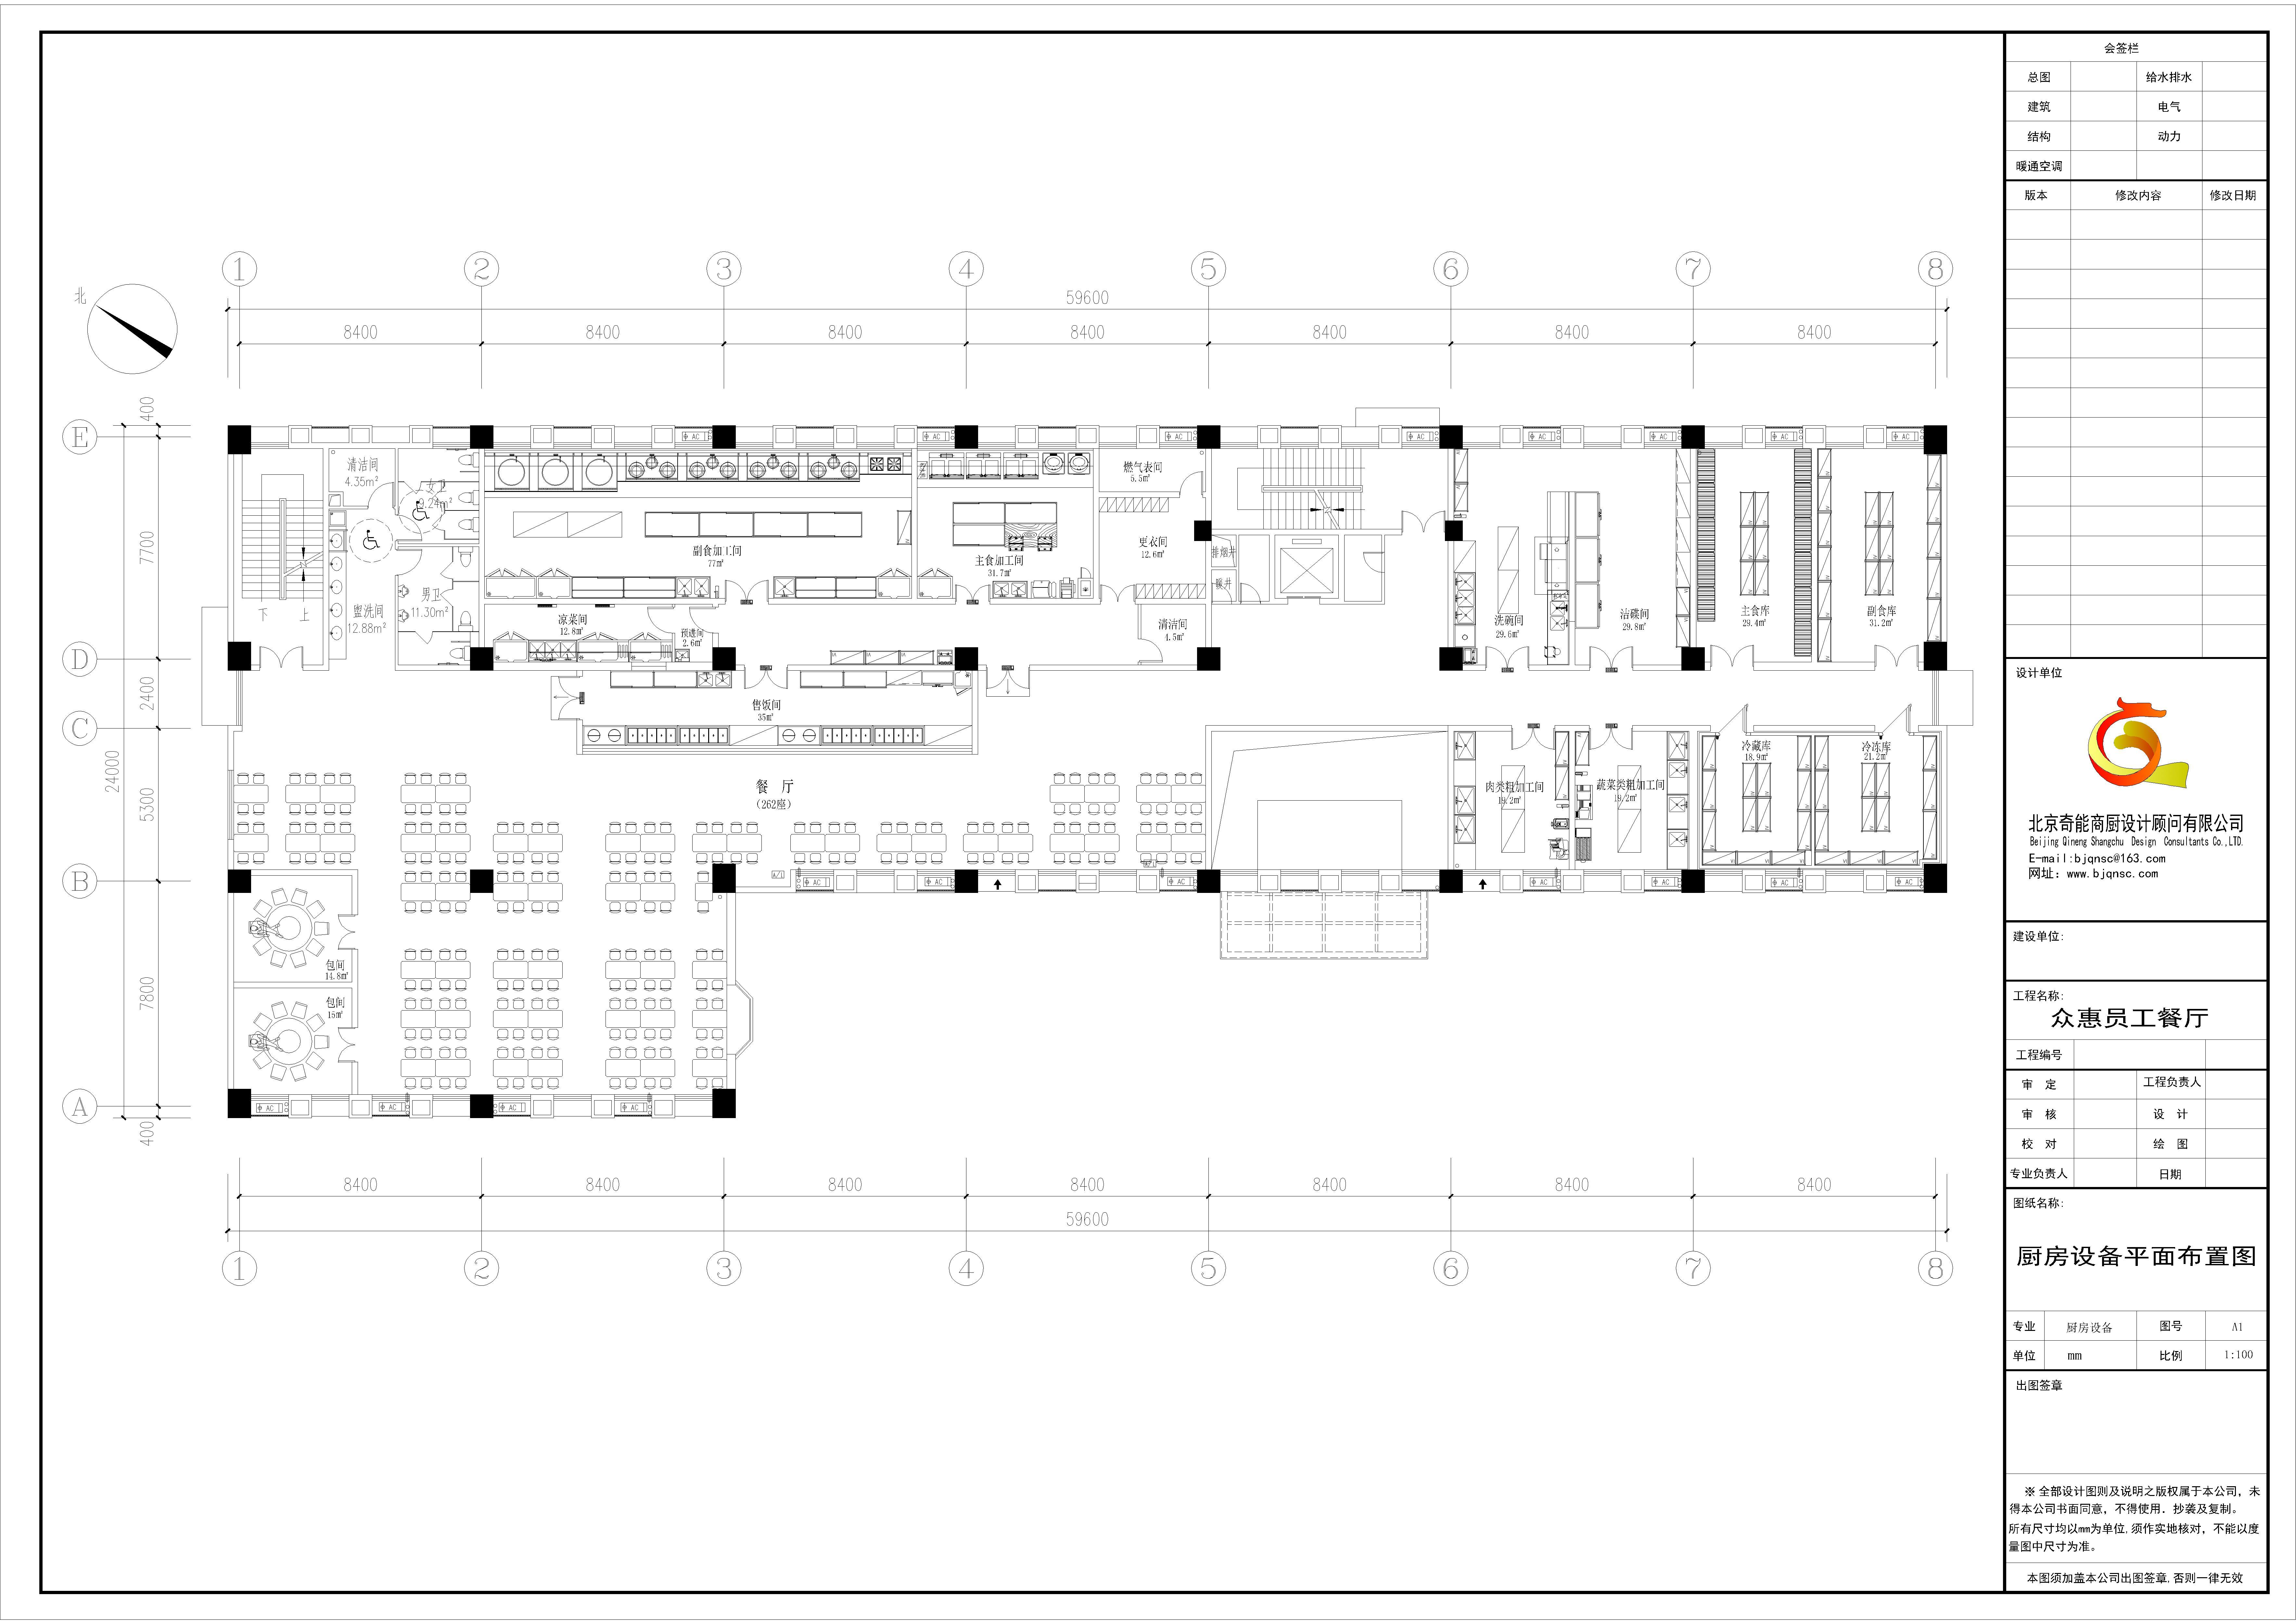 众惠员工餐厅食堂厨房工程设计